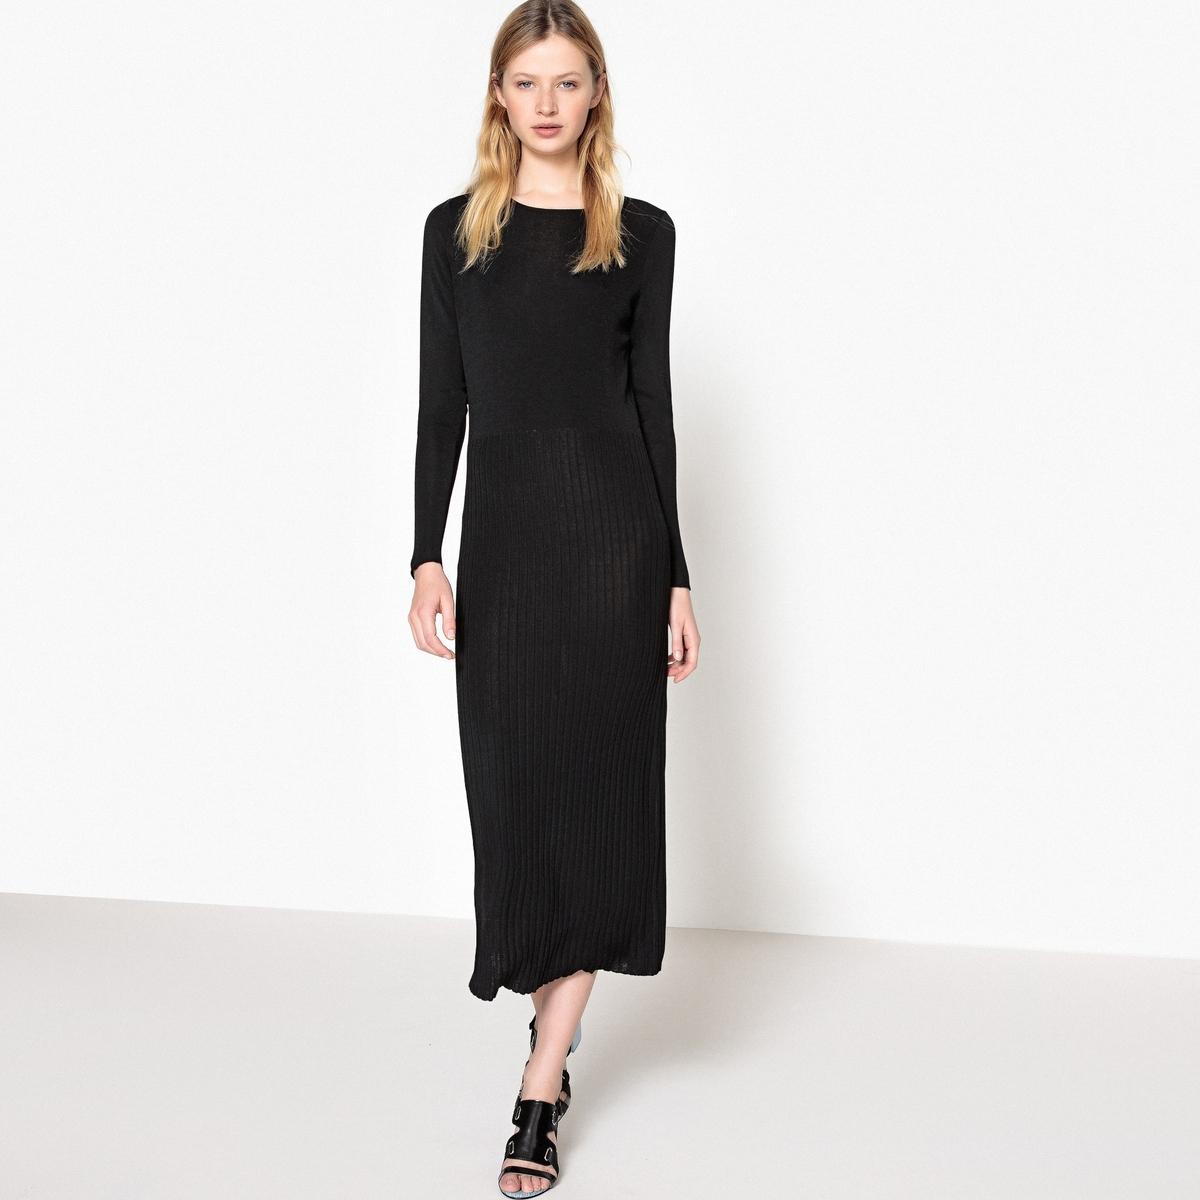 Платье прямое длинное однотонное с длинными рукавамиОписание:Детали •  Форма : прямая •  Длина ниже колен •  Длинные рукава    •  Круглый вырезСостав и уход •      •  Следуйте рекомендациям по уходу, указанным на этикетке изделия •  длина : 125 см<br><br>Цвет: красно-коричневый,черный<br>Размер: L.XL.M.M